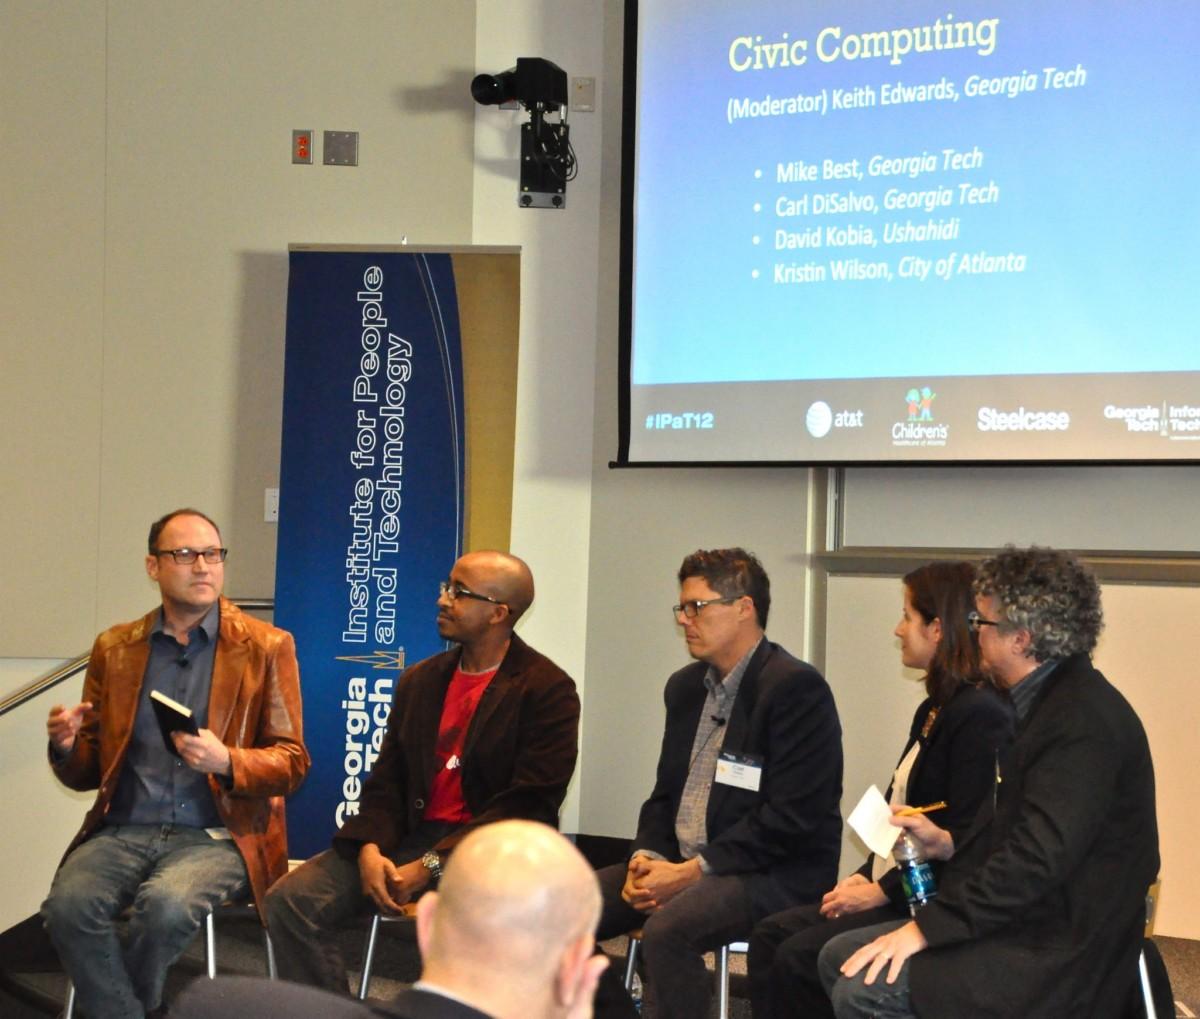 Civic Computing panel